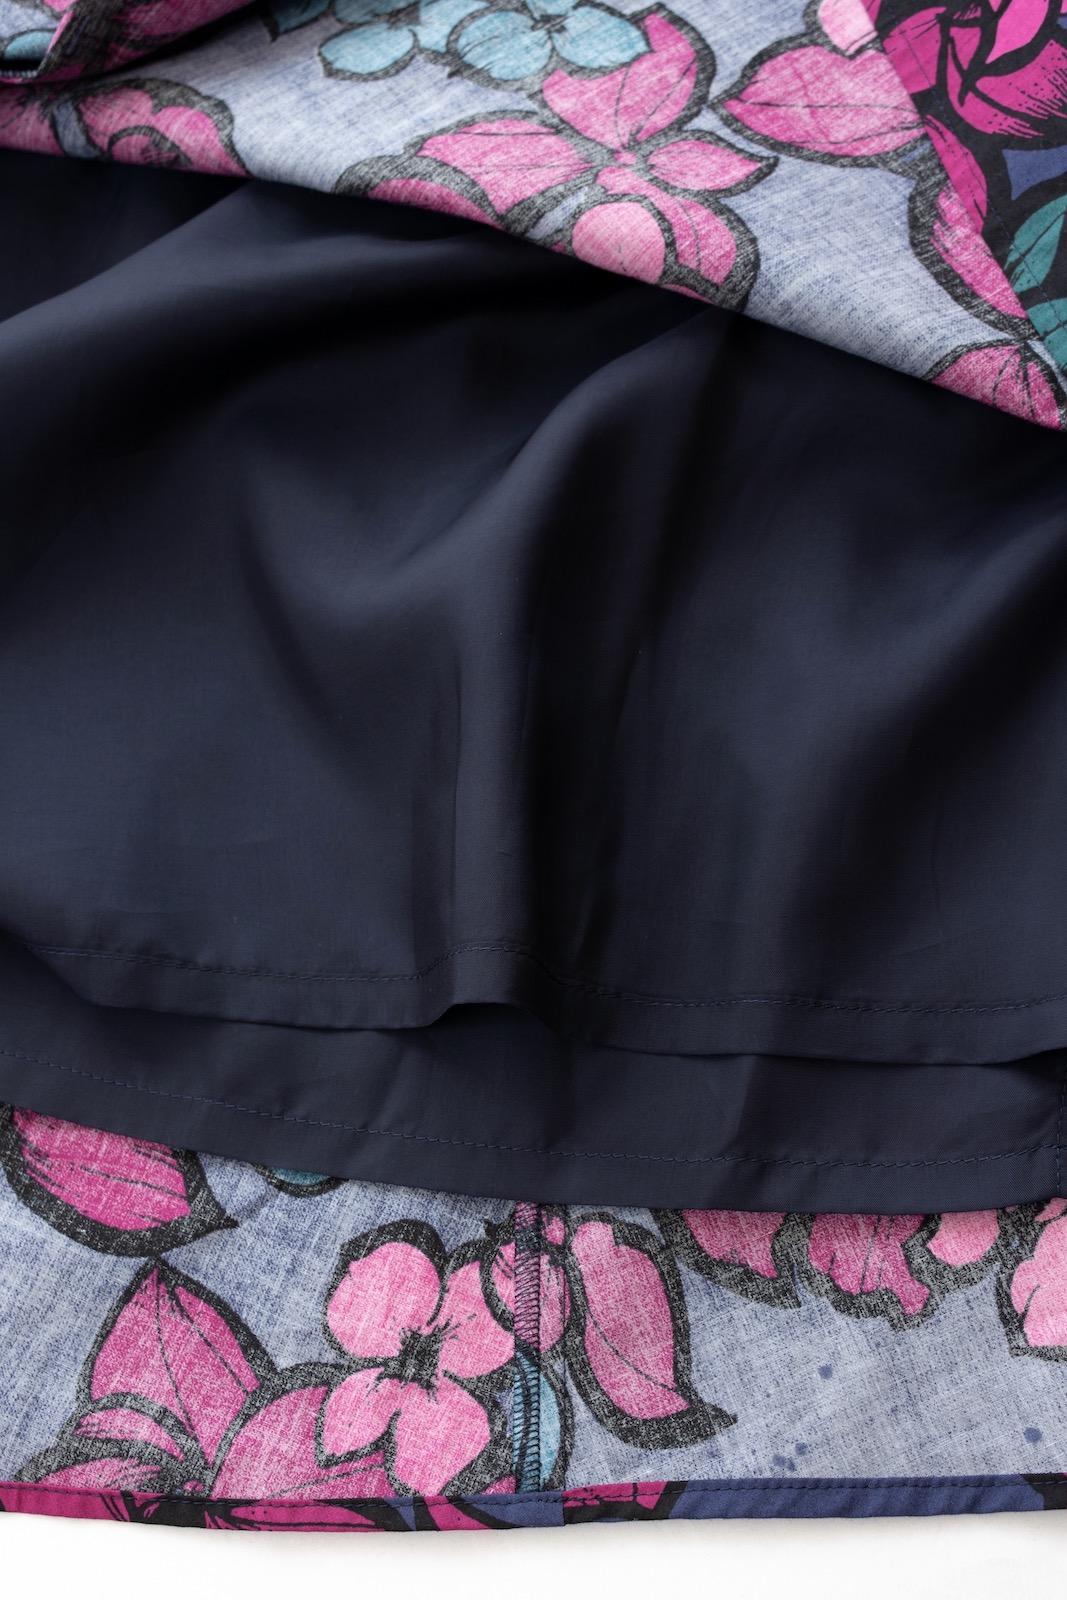 コットンフラワースカート/ネイビーピンク【残り2点】